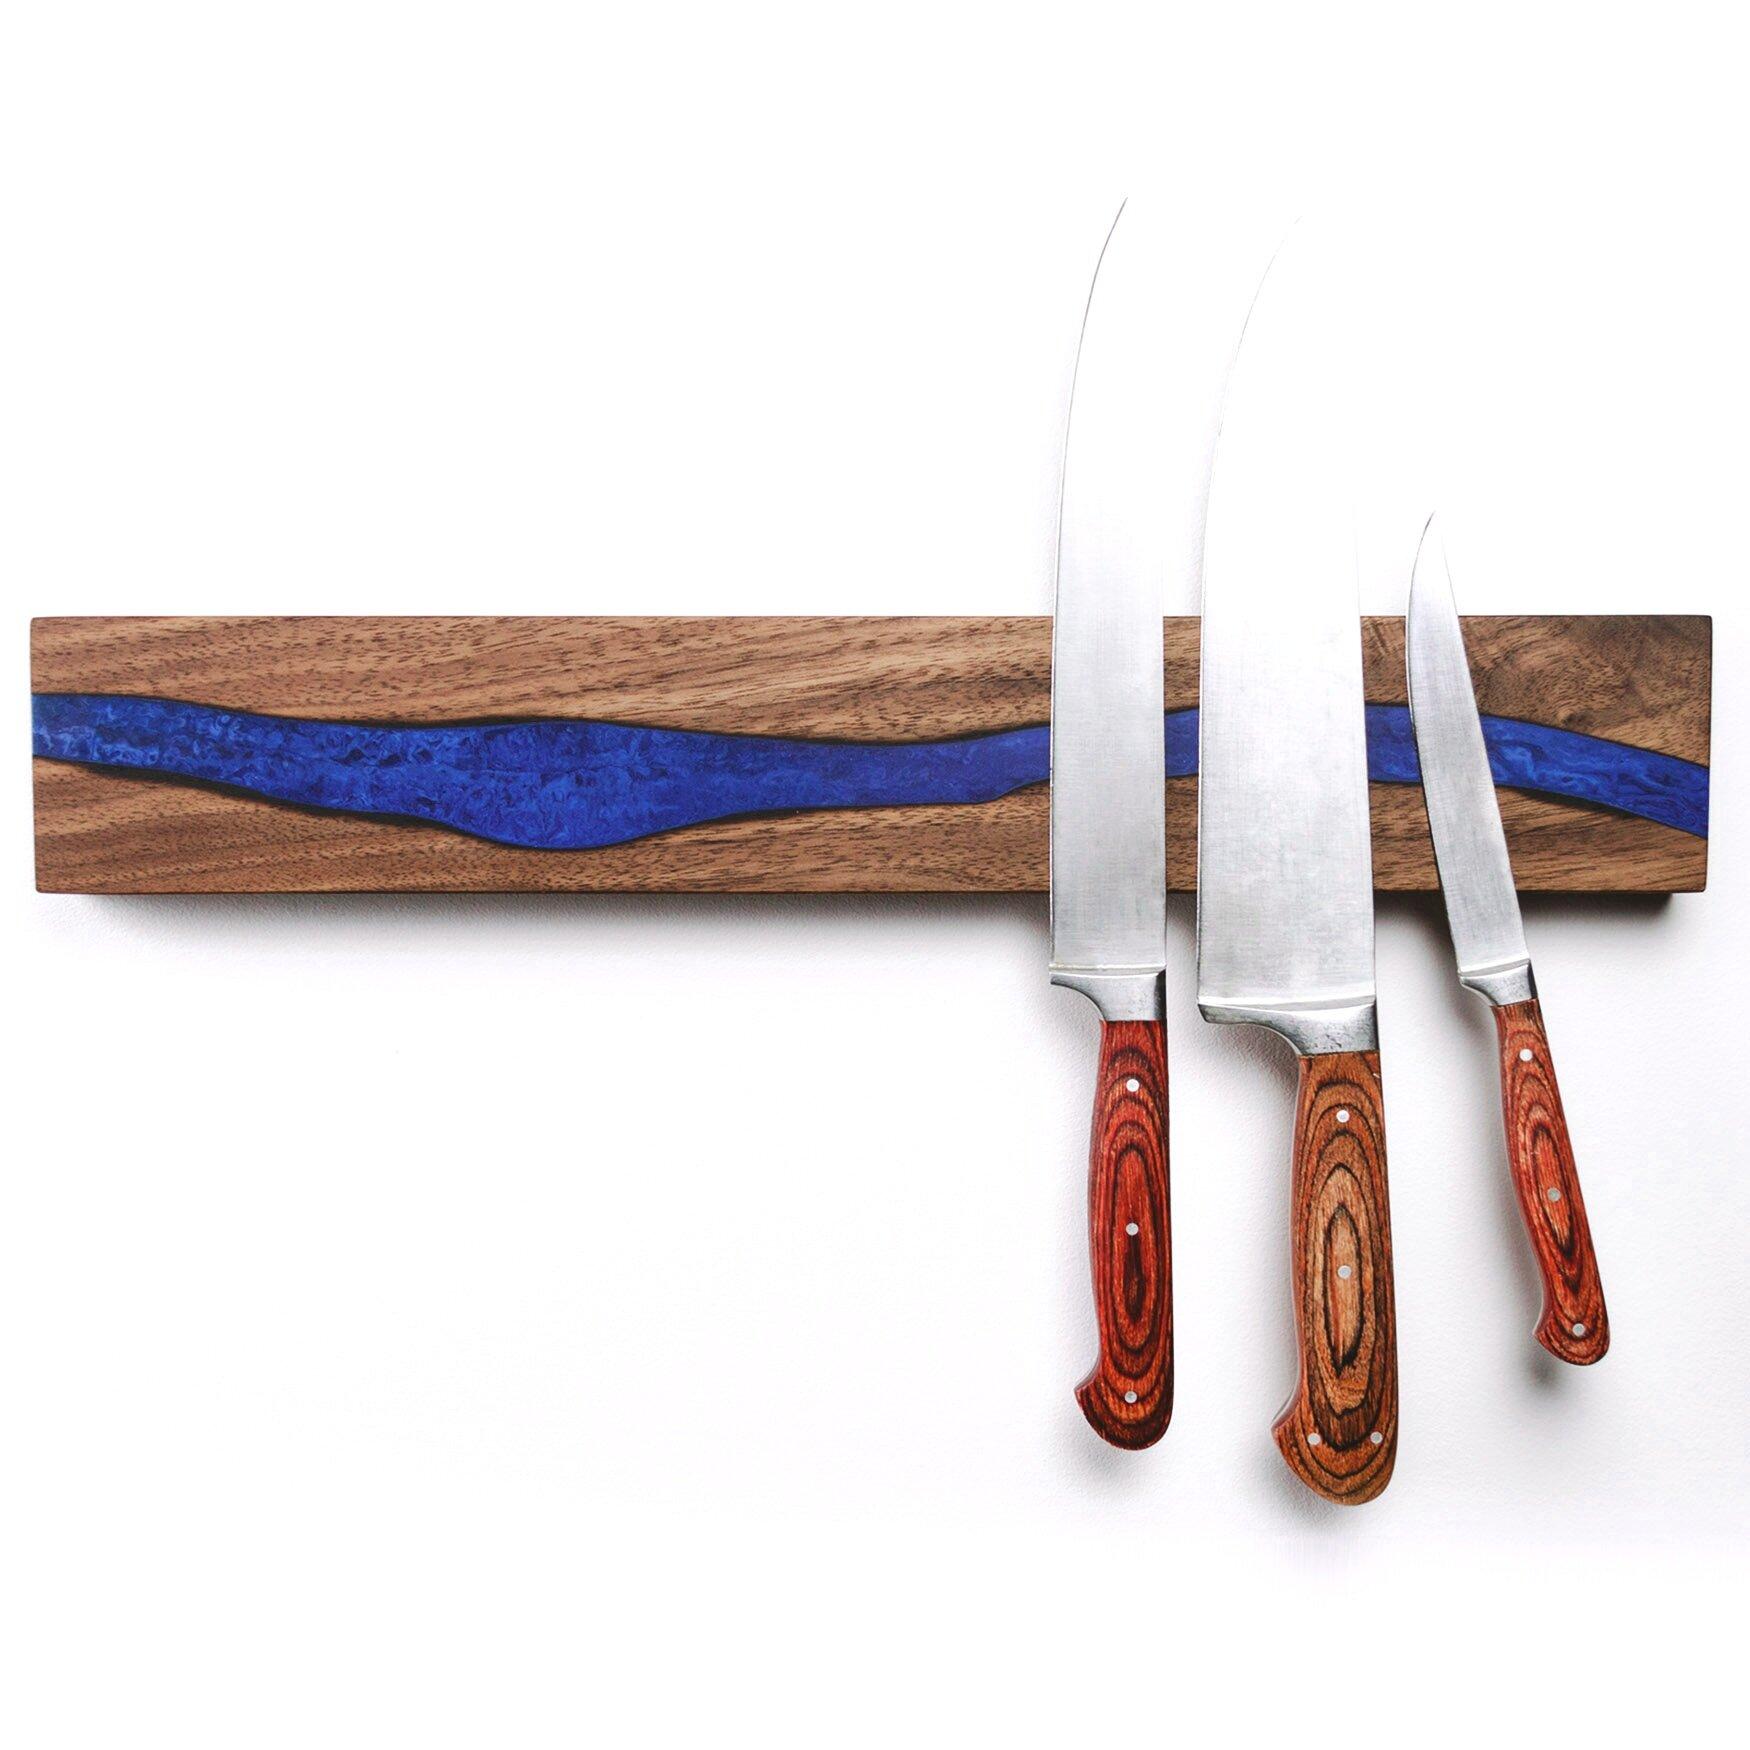 Porte couteau magn tique - Porte couteau magnetique ...